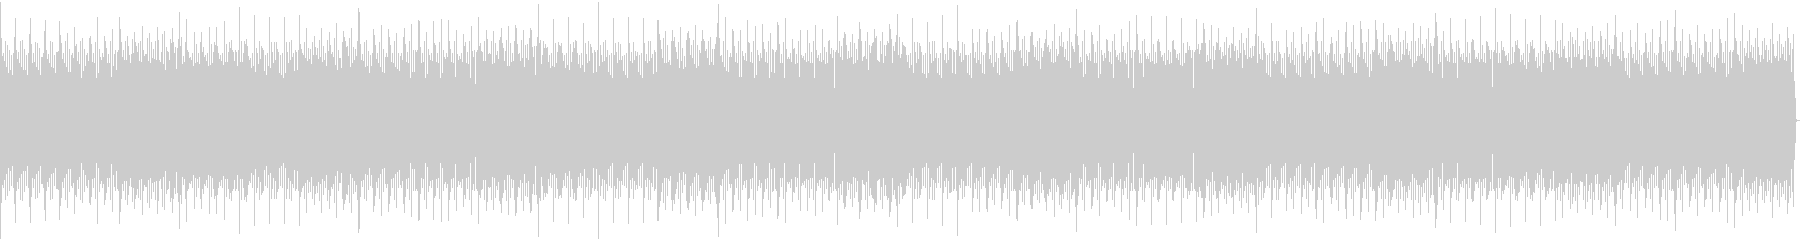 四つ打ちのBGMの未再生の波形